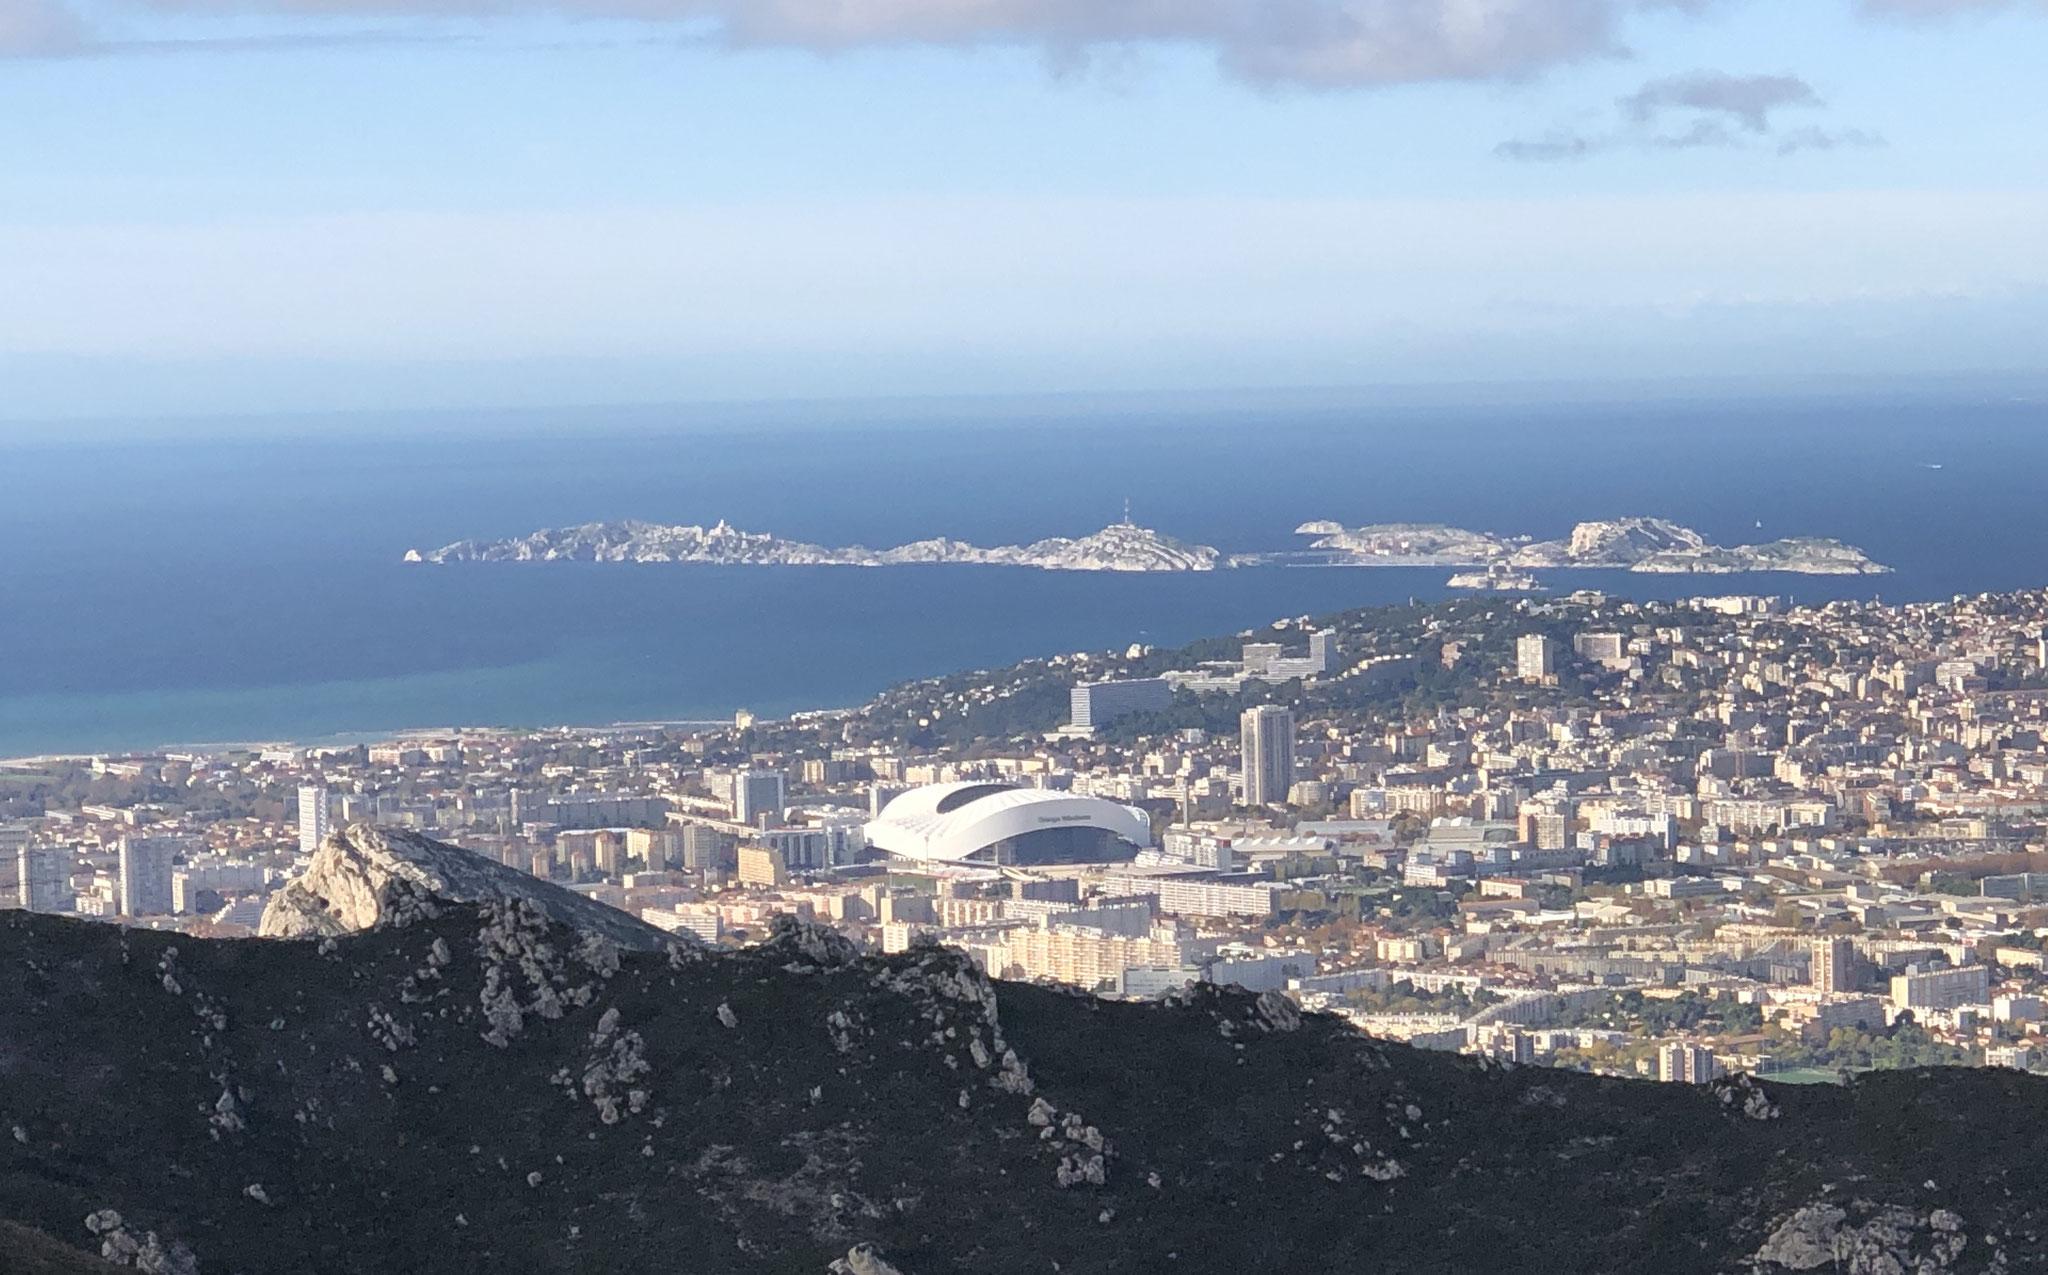 d'où l'on découvre le stade Orange Vélodrome et les îles du Frioul